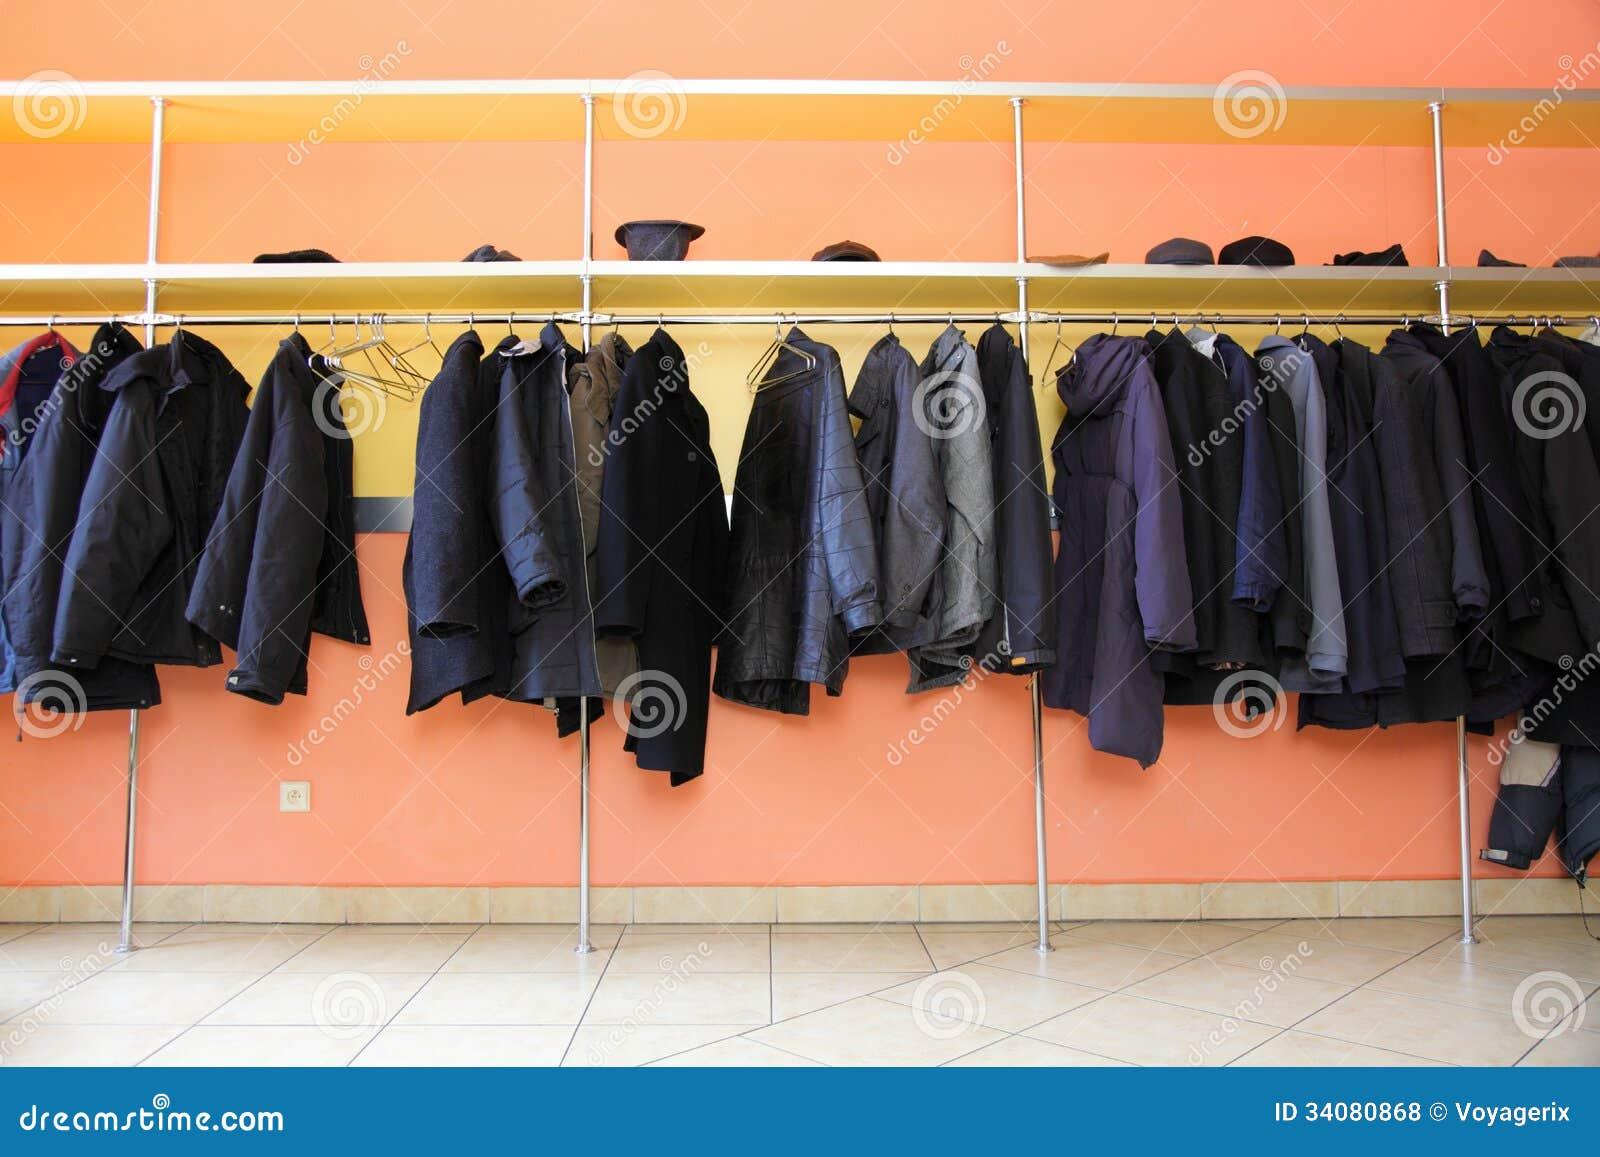 Locker Room Undressing